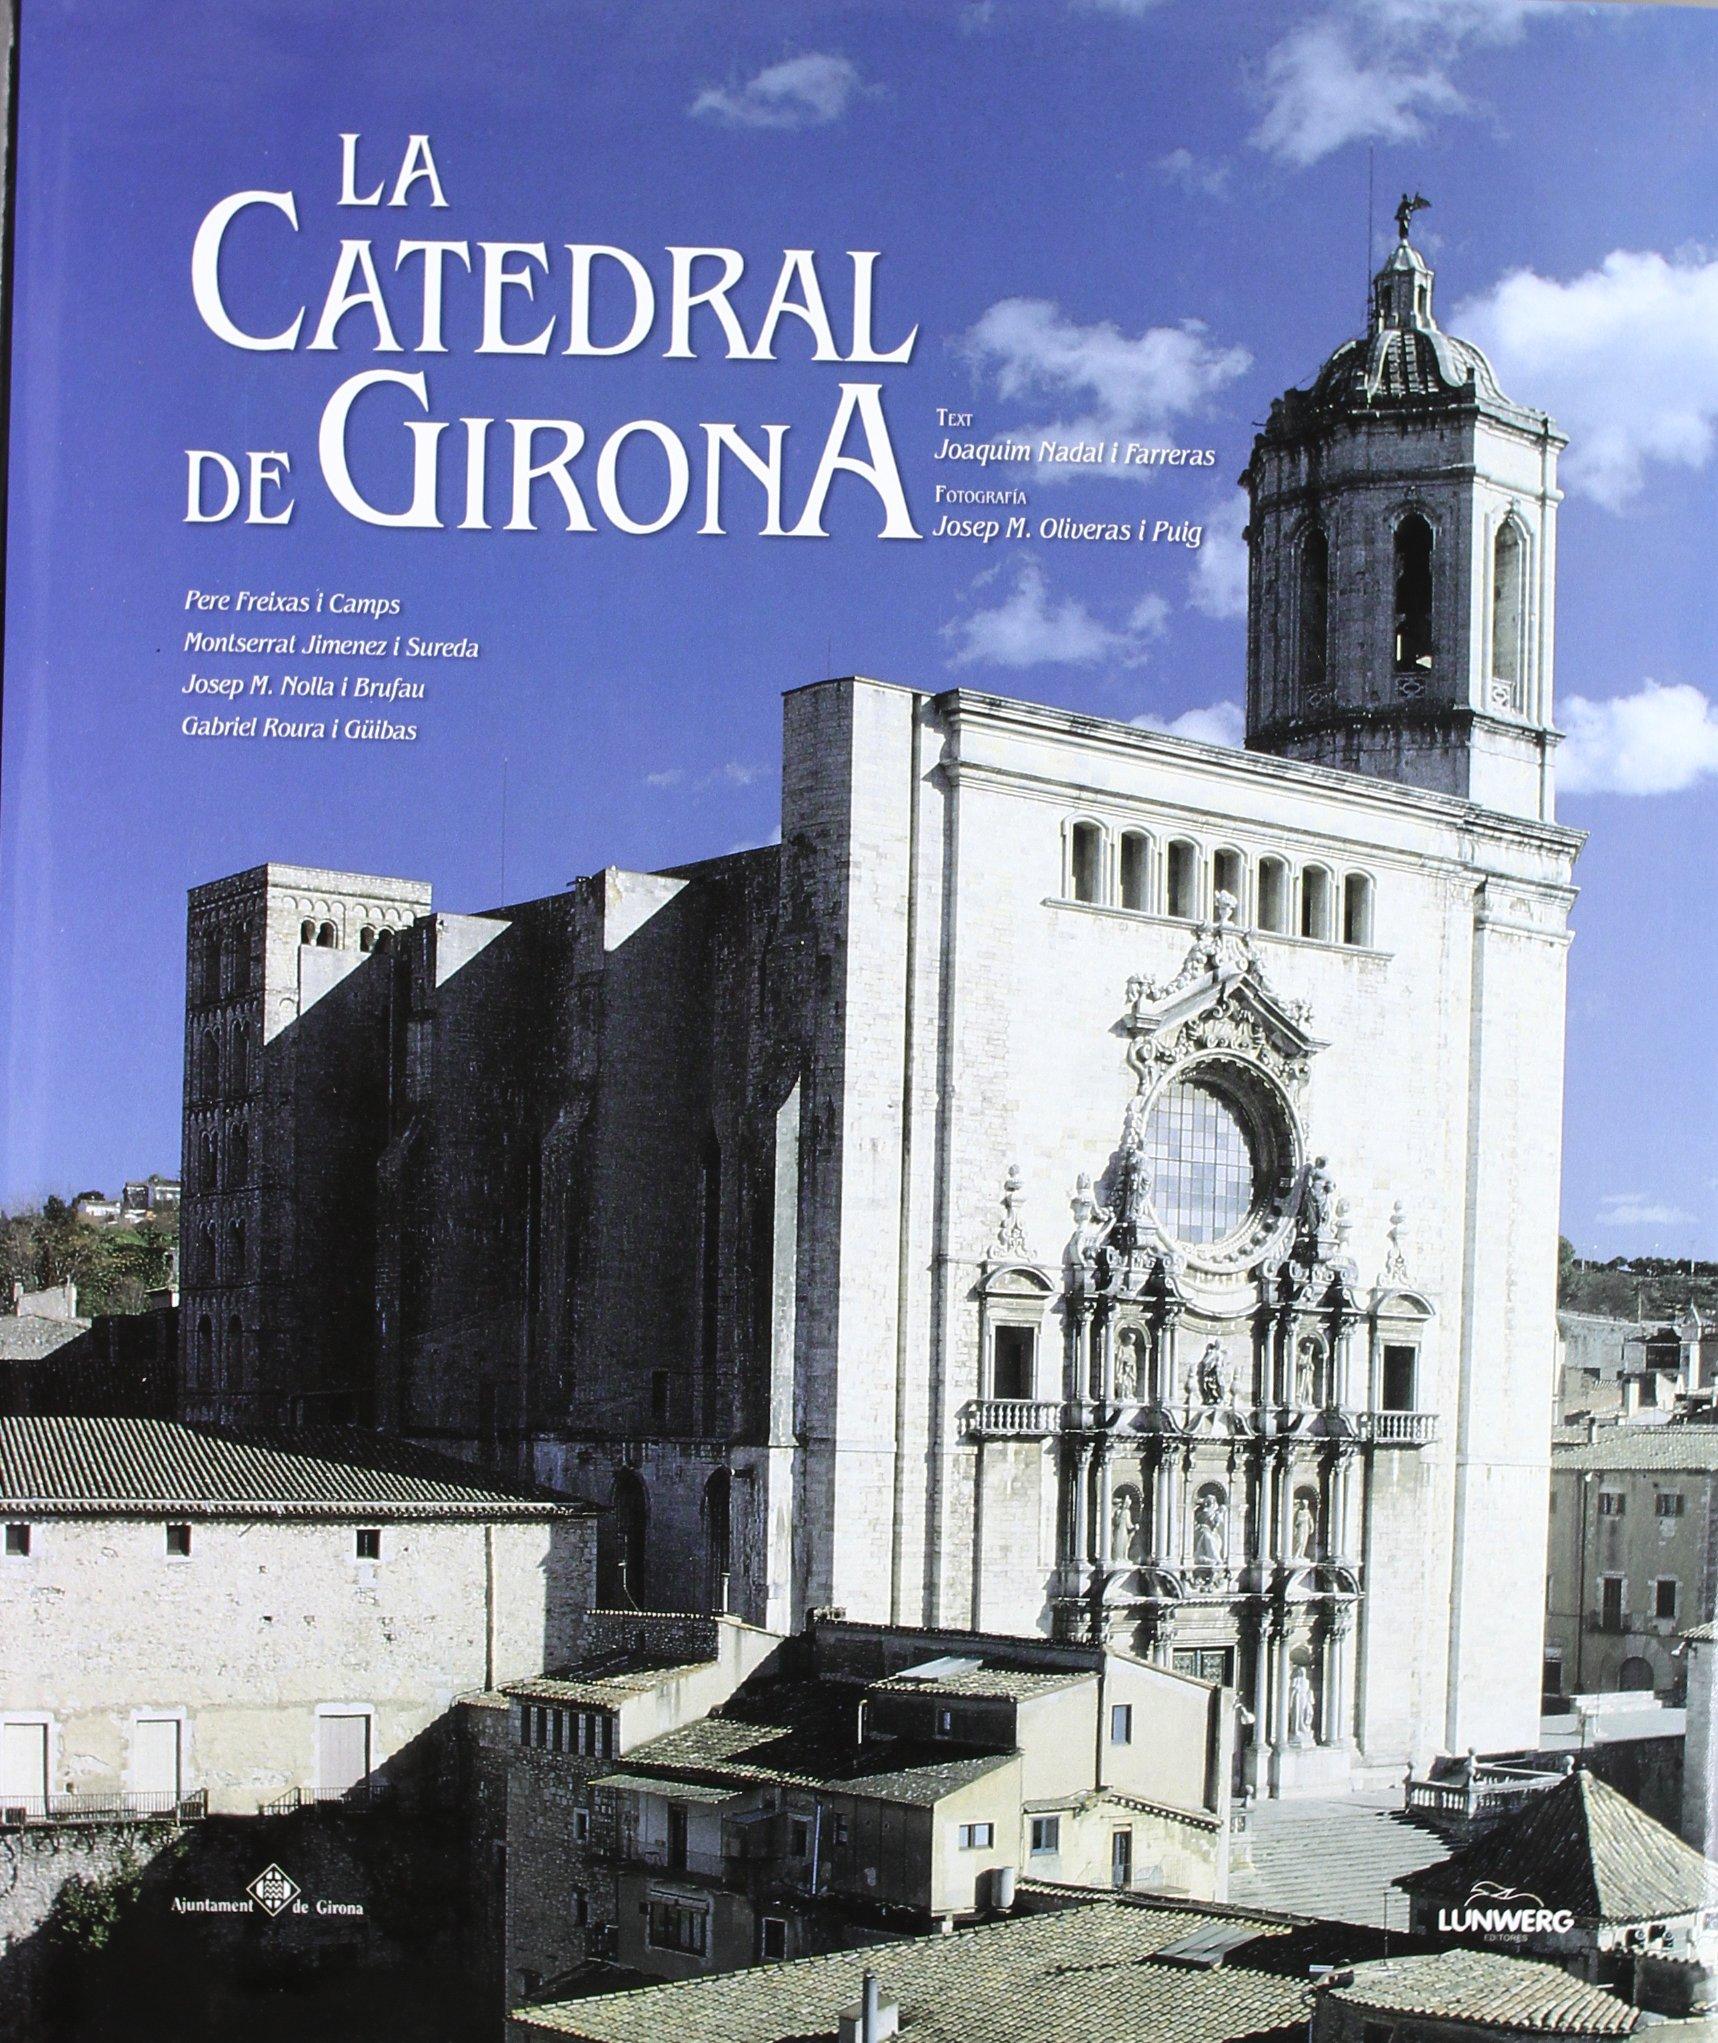 La Catedral De Girona Joaquim Nadal Farreras 9788477829393 Amazon